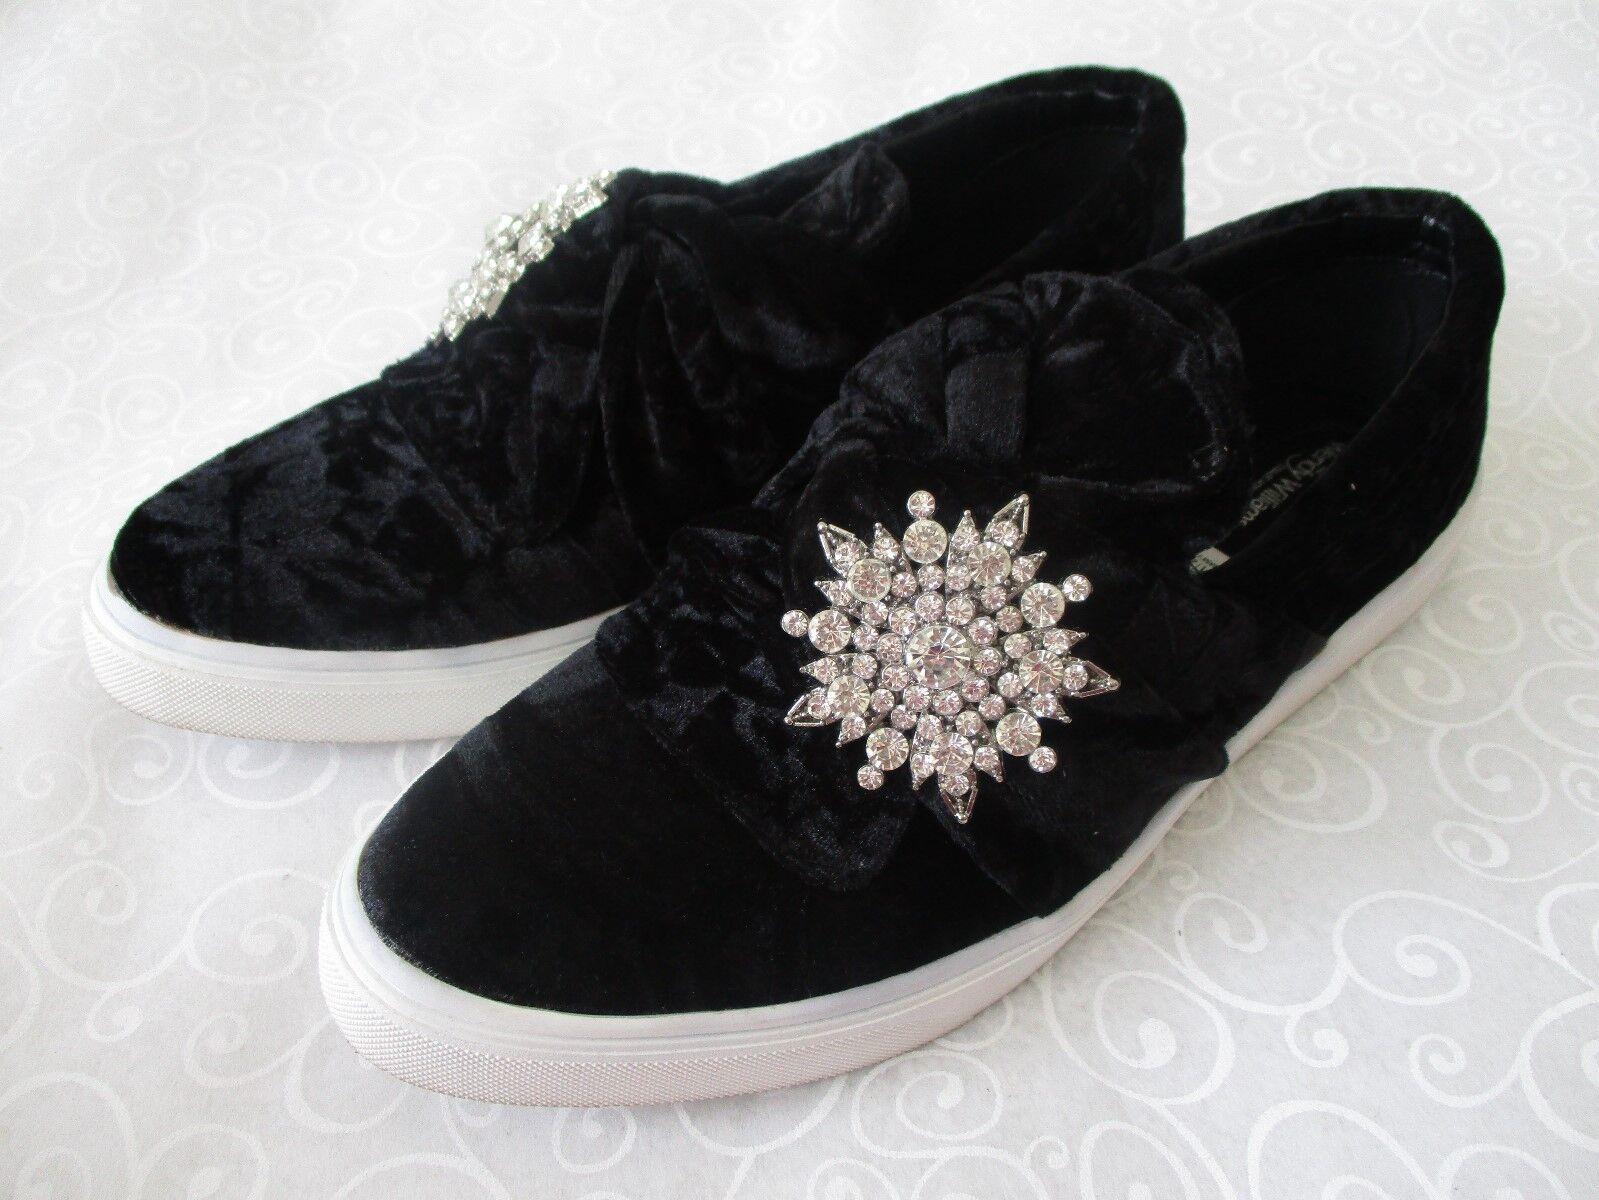 WENDY WILLIAMS BLACK SNEAKER KNOT FACETED BROOCH VELVET \10 Schuhe SIZE \10 VELVET W - NEW 0403f7